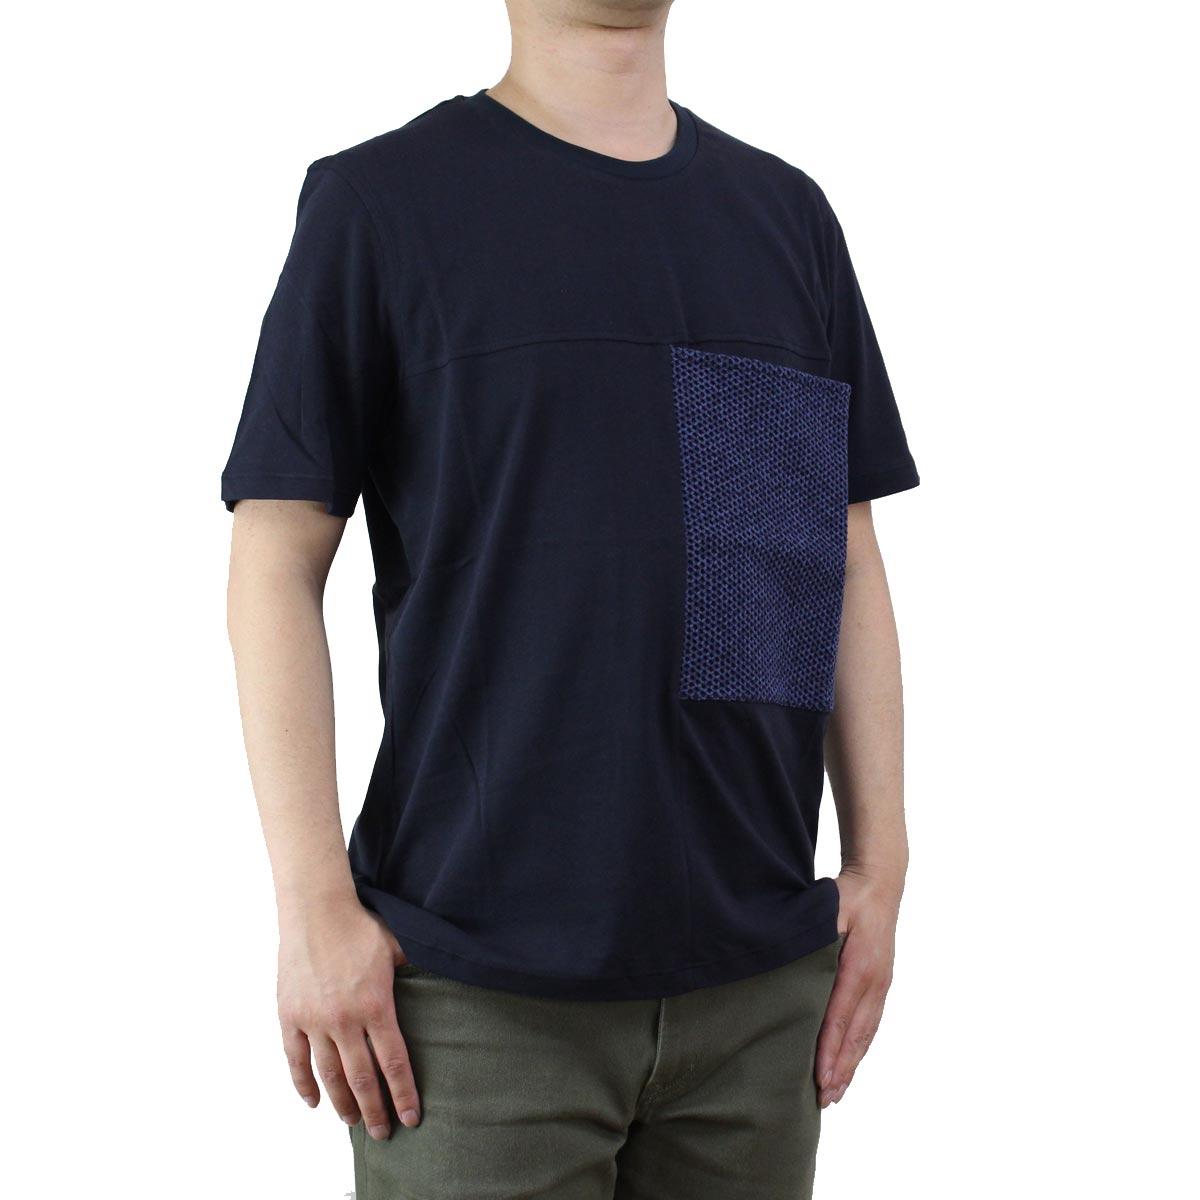 バーク Bark  メンズ 半袖 クルーネック Tシャツ 71B8706 254 NAVY ネイビー系  メンズ ティーシャツ ティーシャツ T shirt OLS-4  ts-01